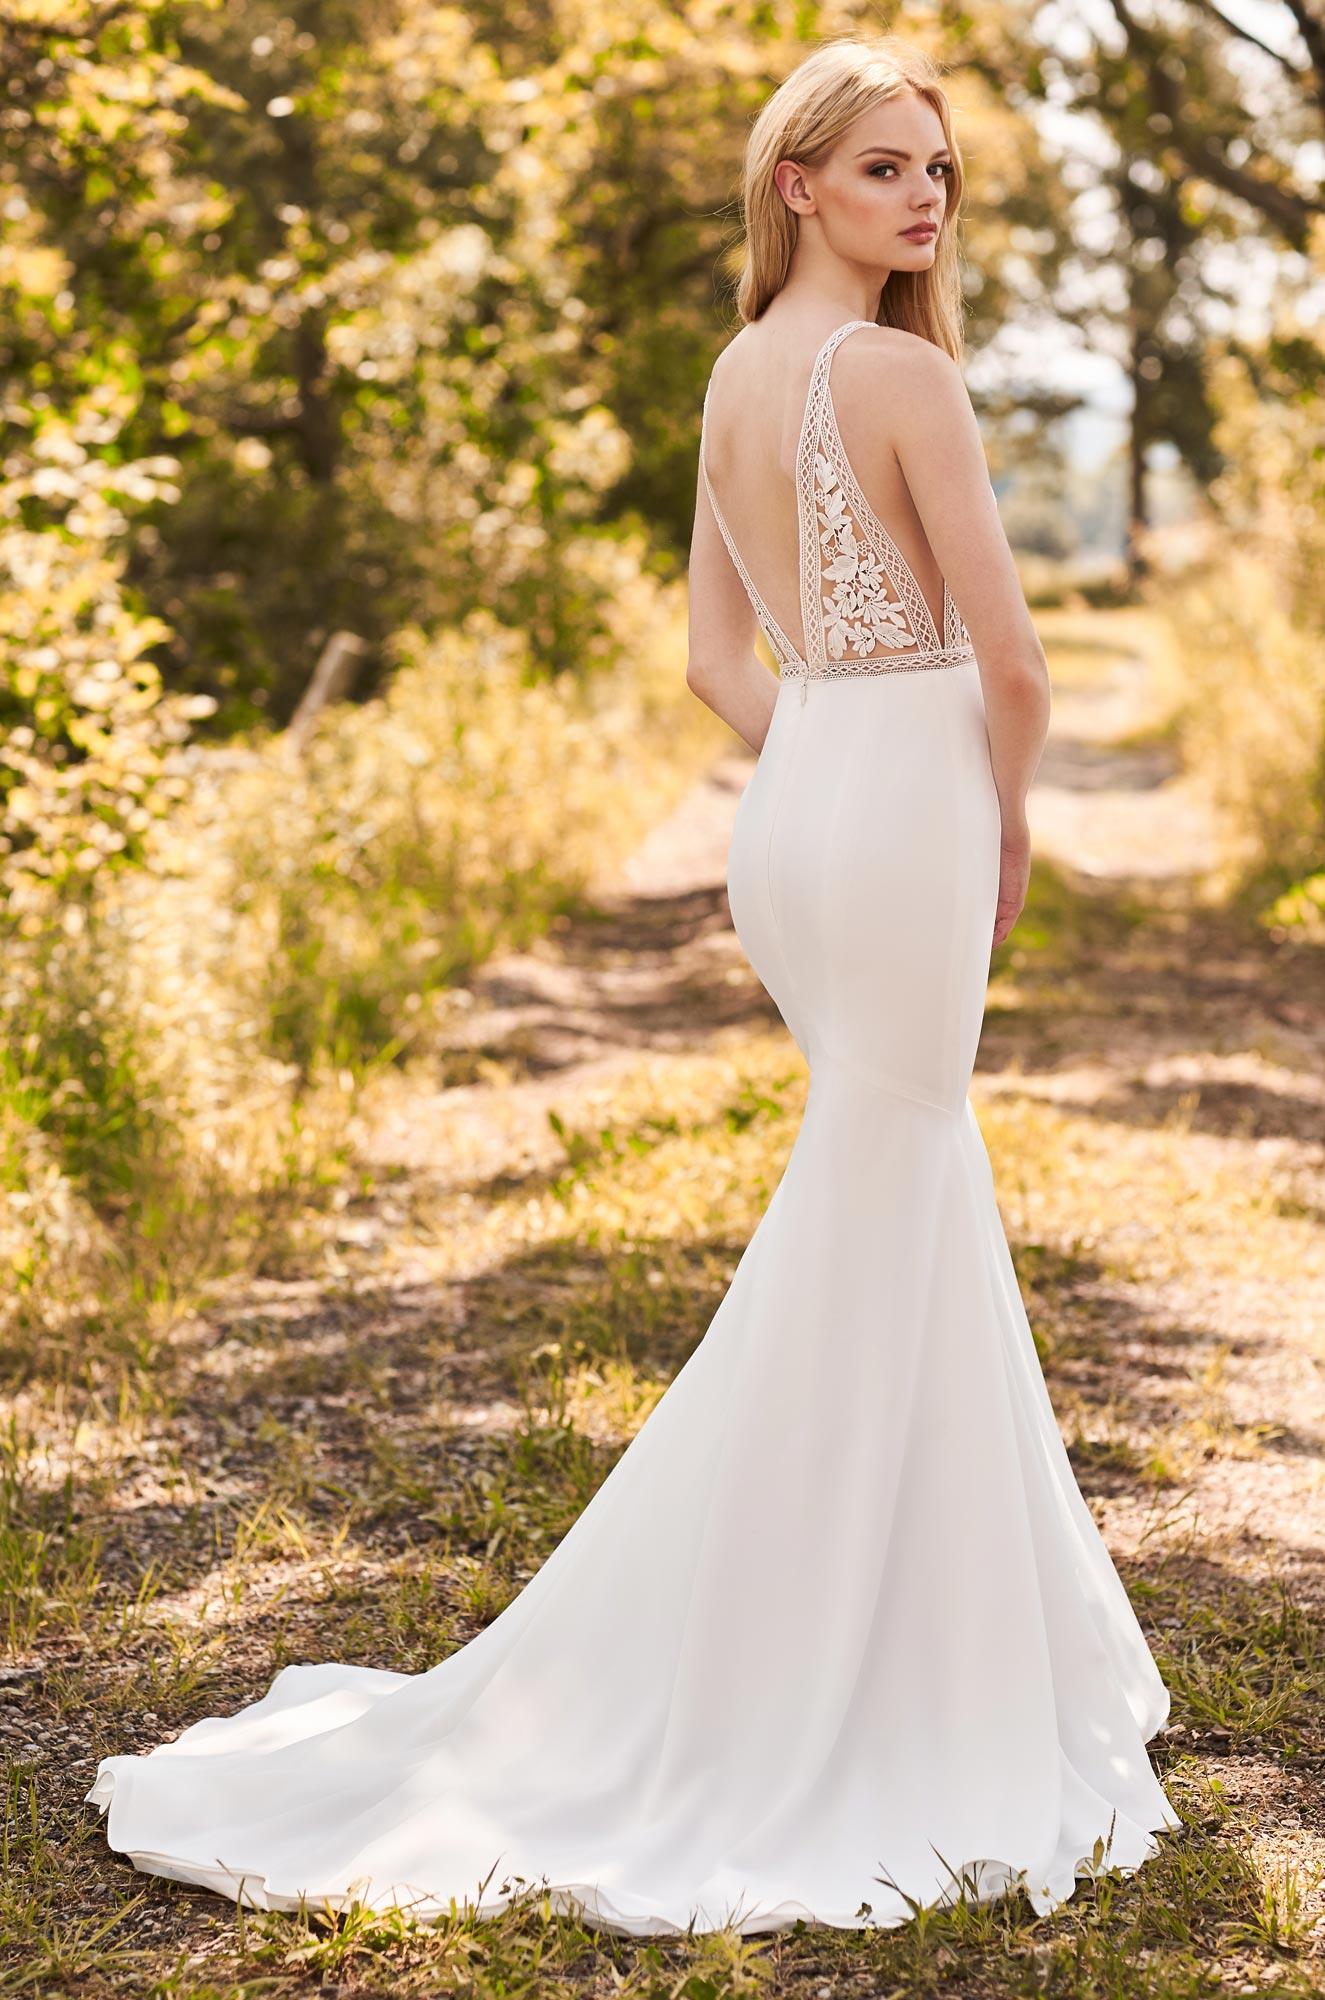 Breathtaking Lace Bodice Wedding Dress - Style #2297 | Mikaella Bridal